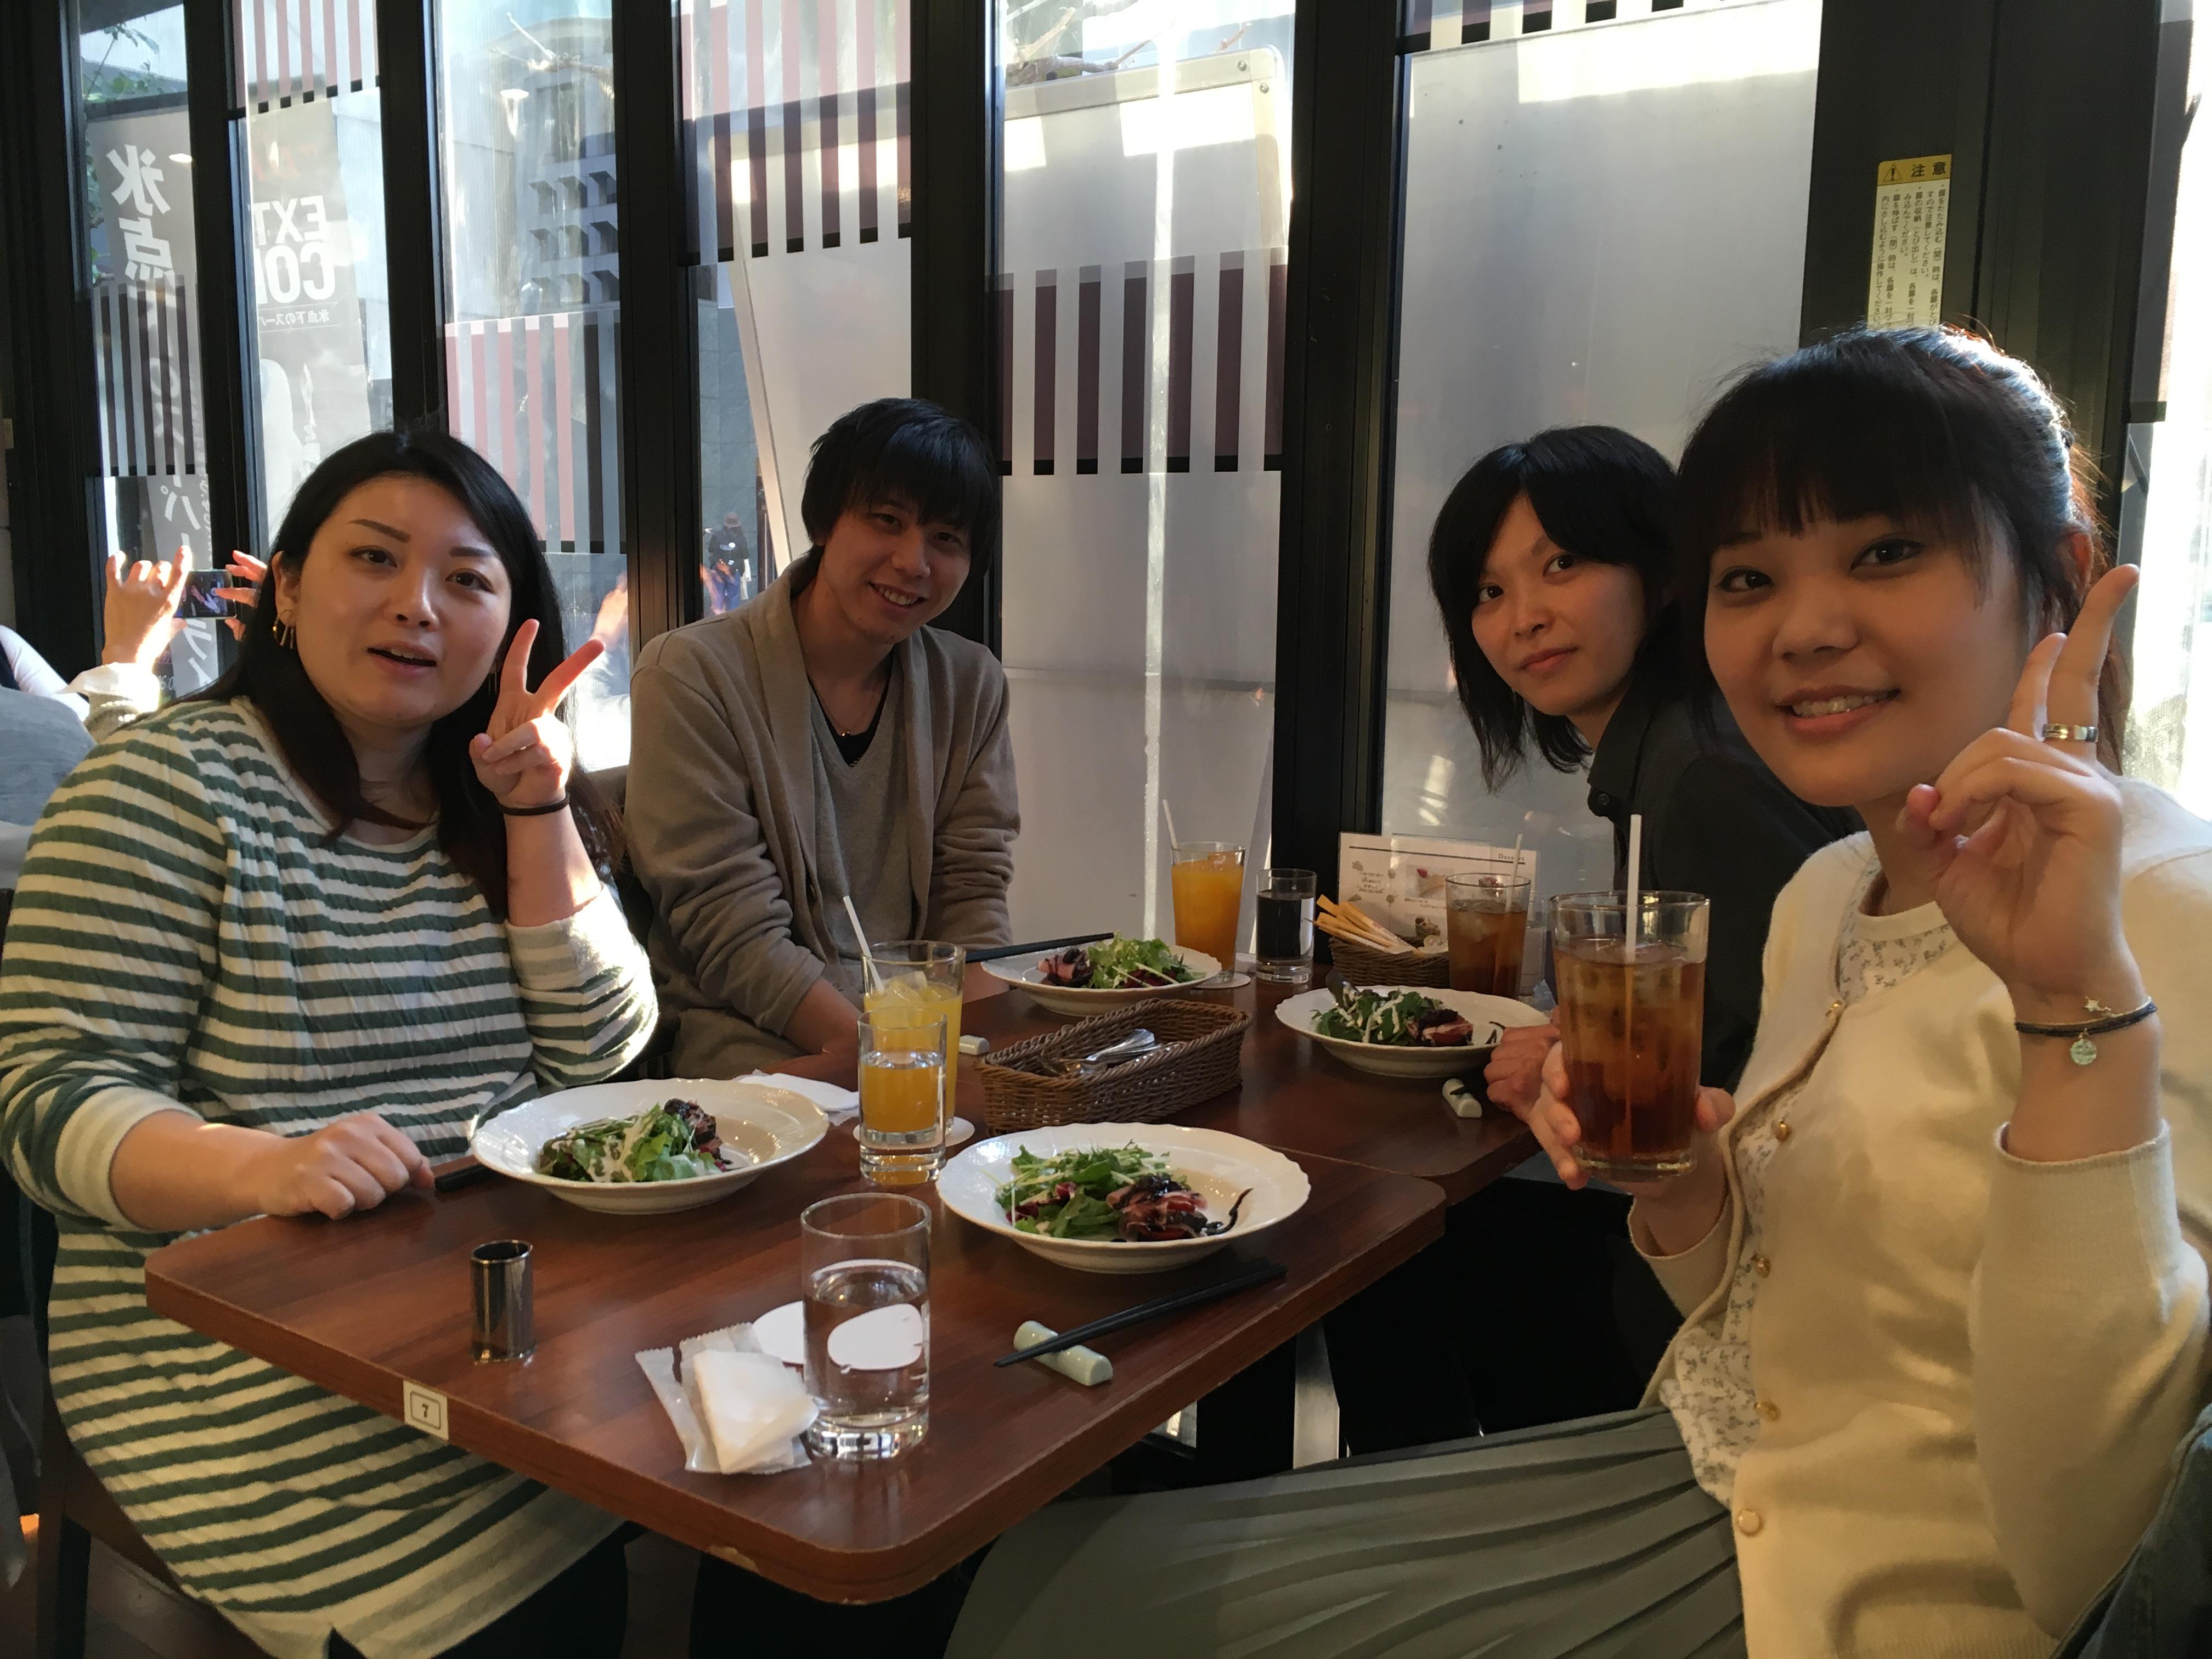 みどりちゃん、横江くん、姫ちゃん、涼子ちゃん